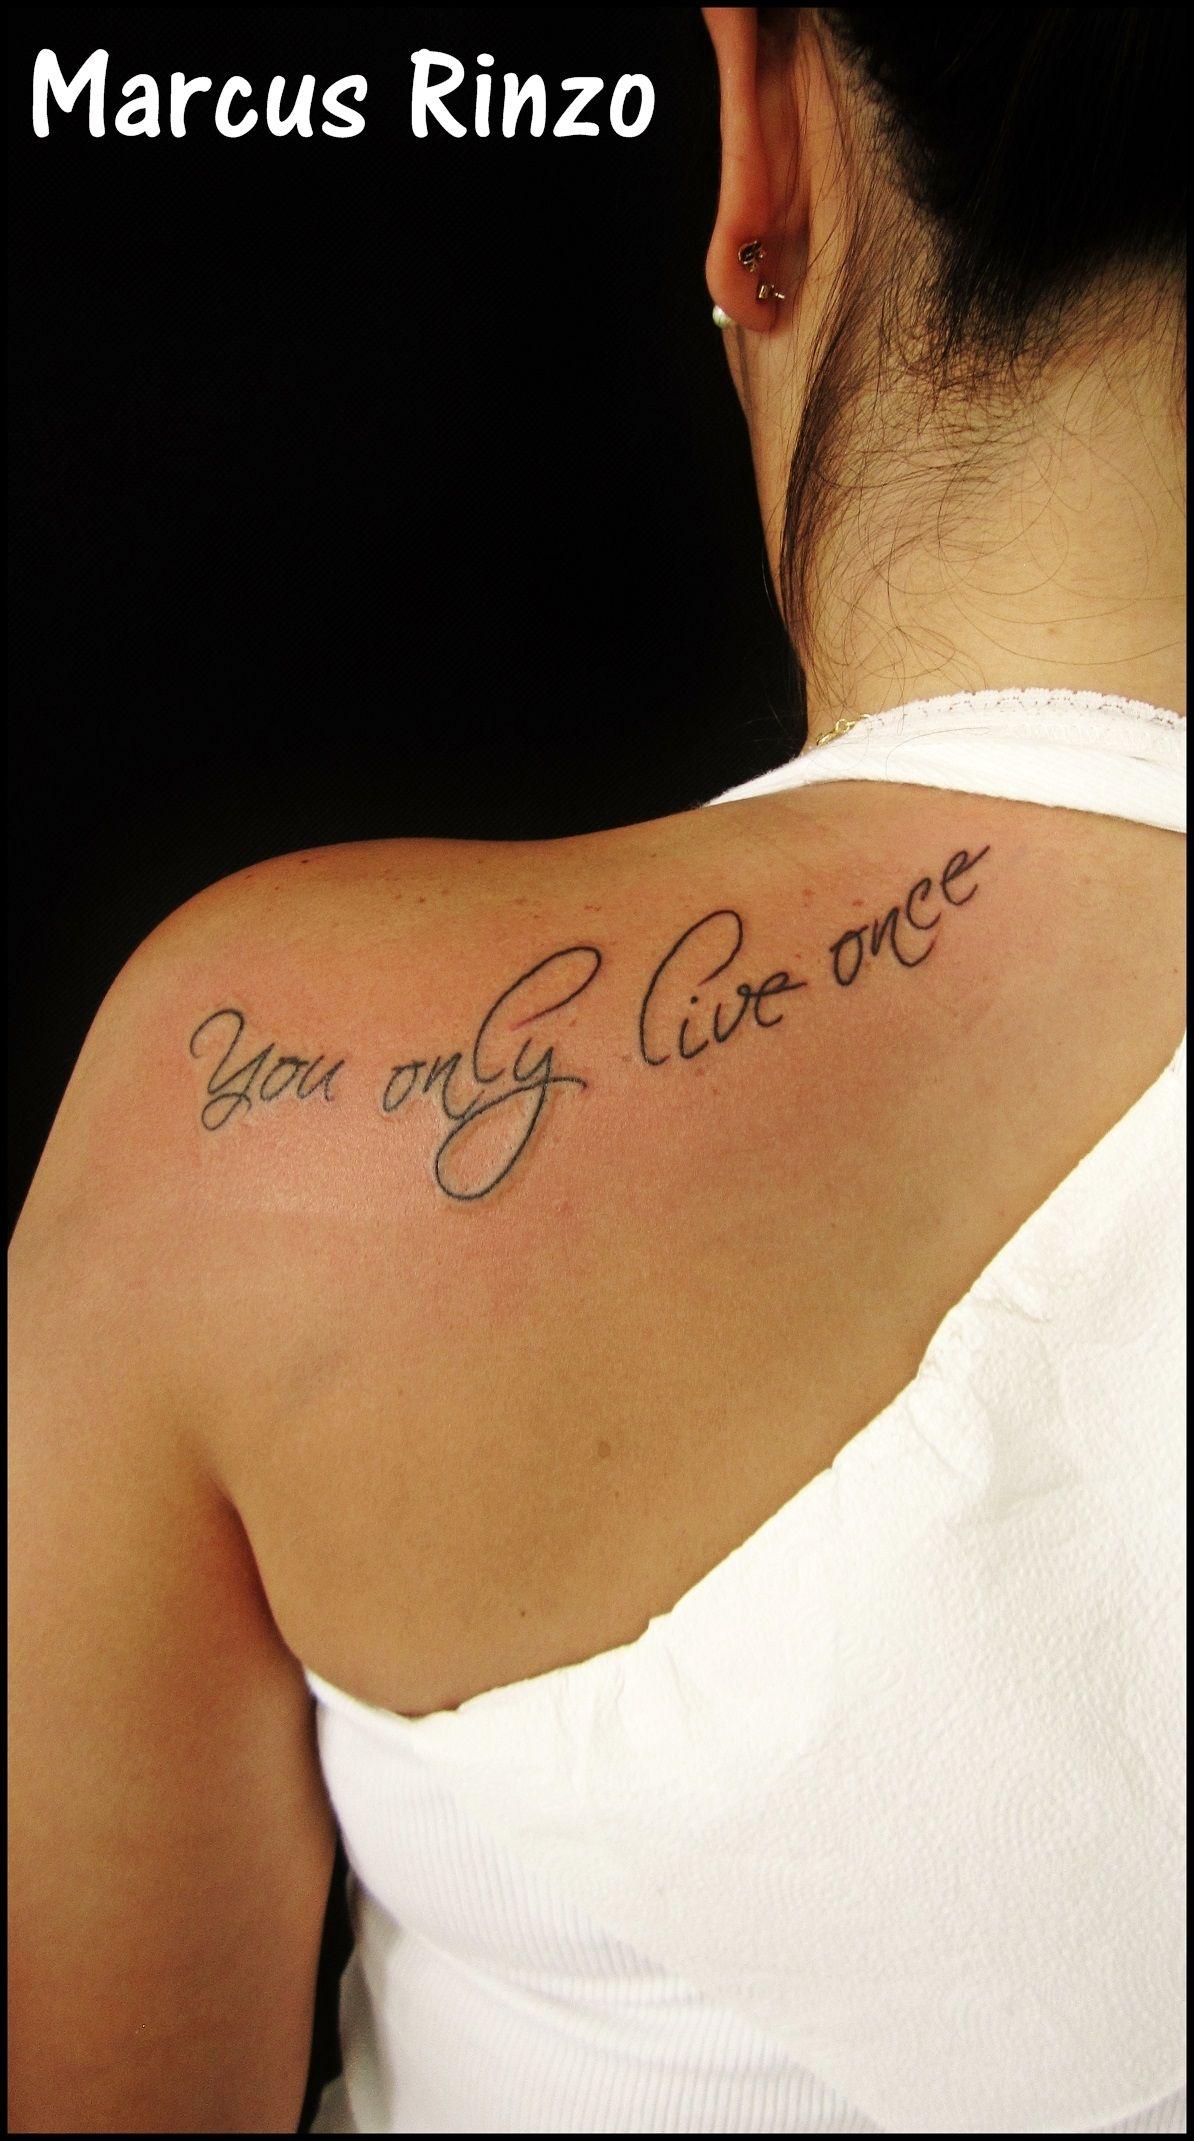 You Only Live Once Tattoo Tattoo Tatuajes